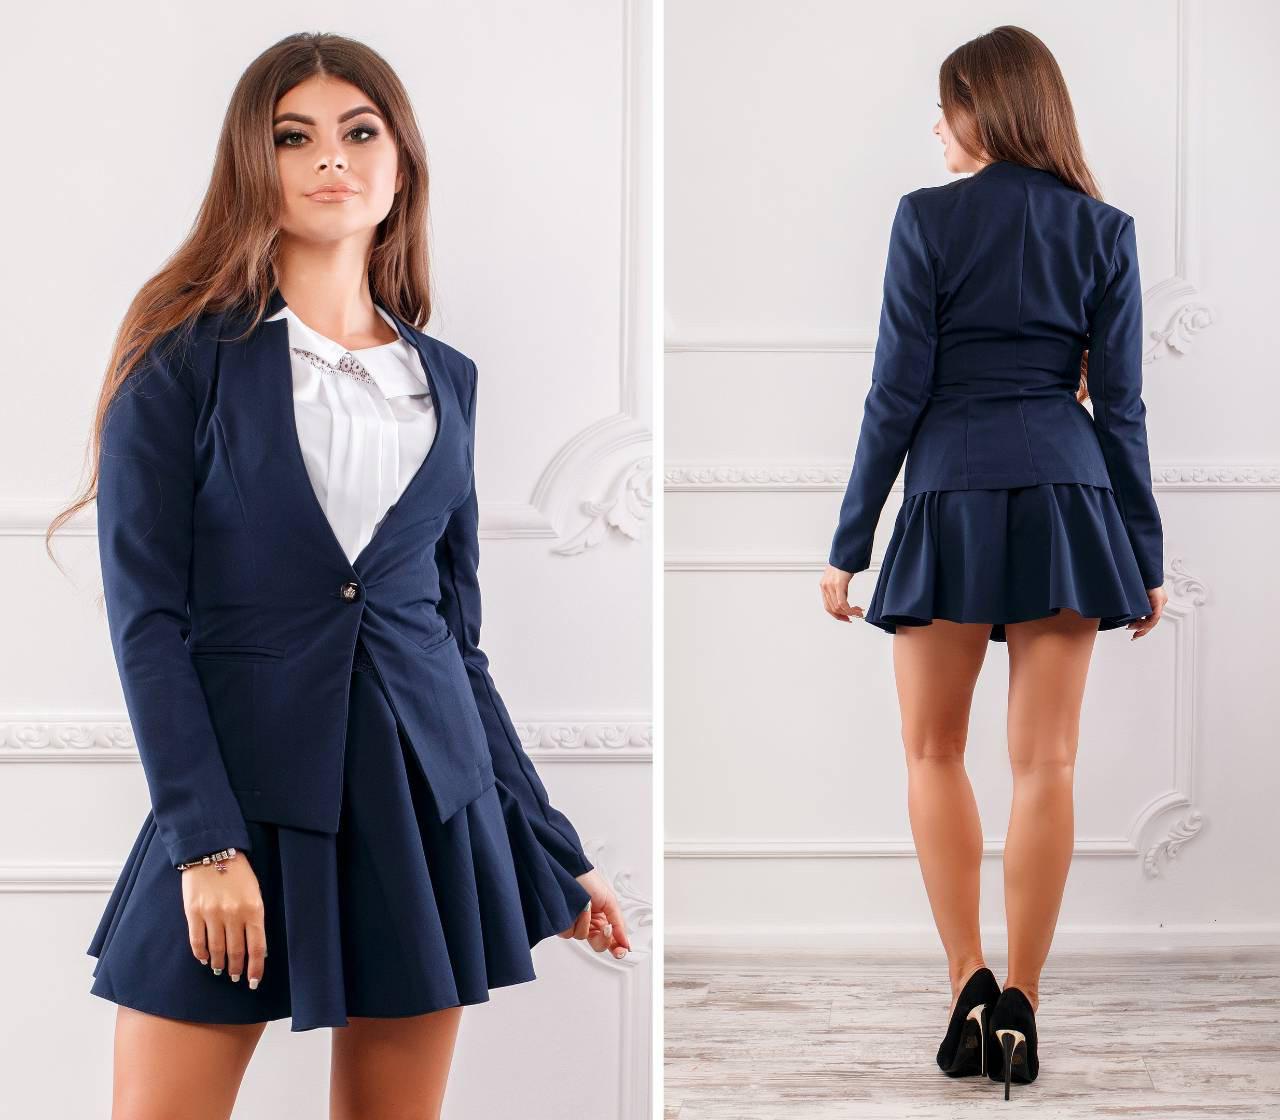 Пиджак женский, новинка 2018, модель 119, цвет - темно синий